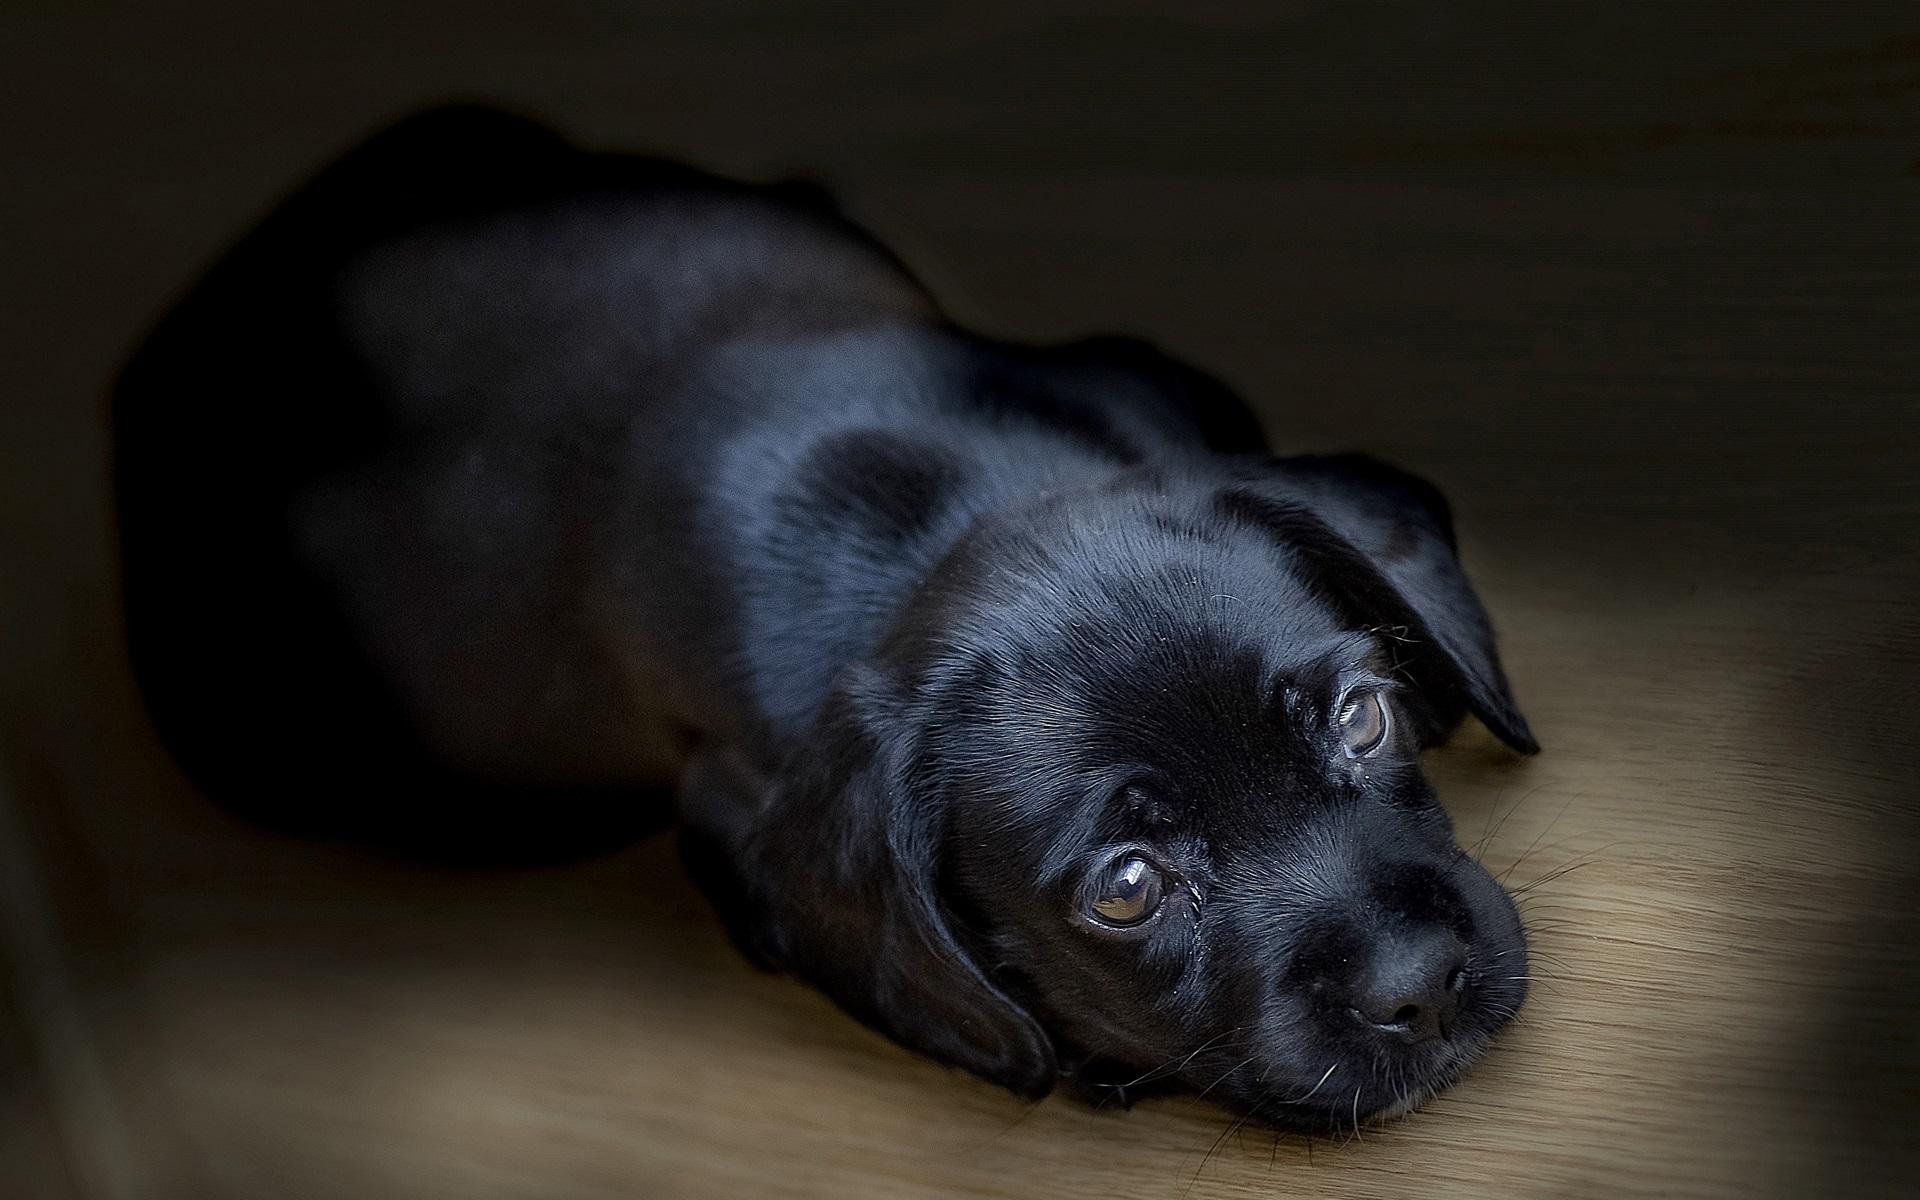 Papéis de Parede Sono cachorro preto 1920x1200 HD imagem 334ecdda89